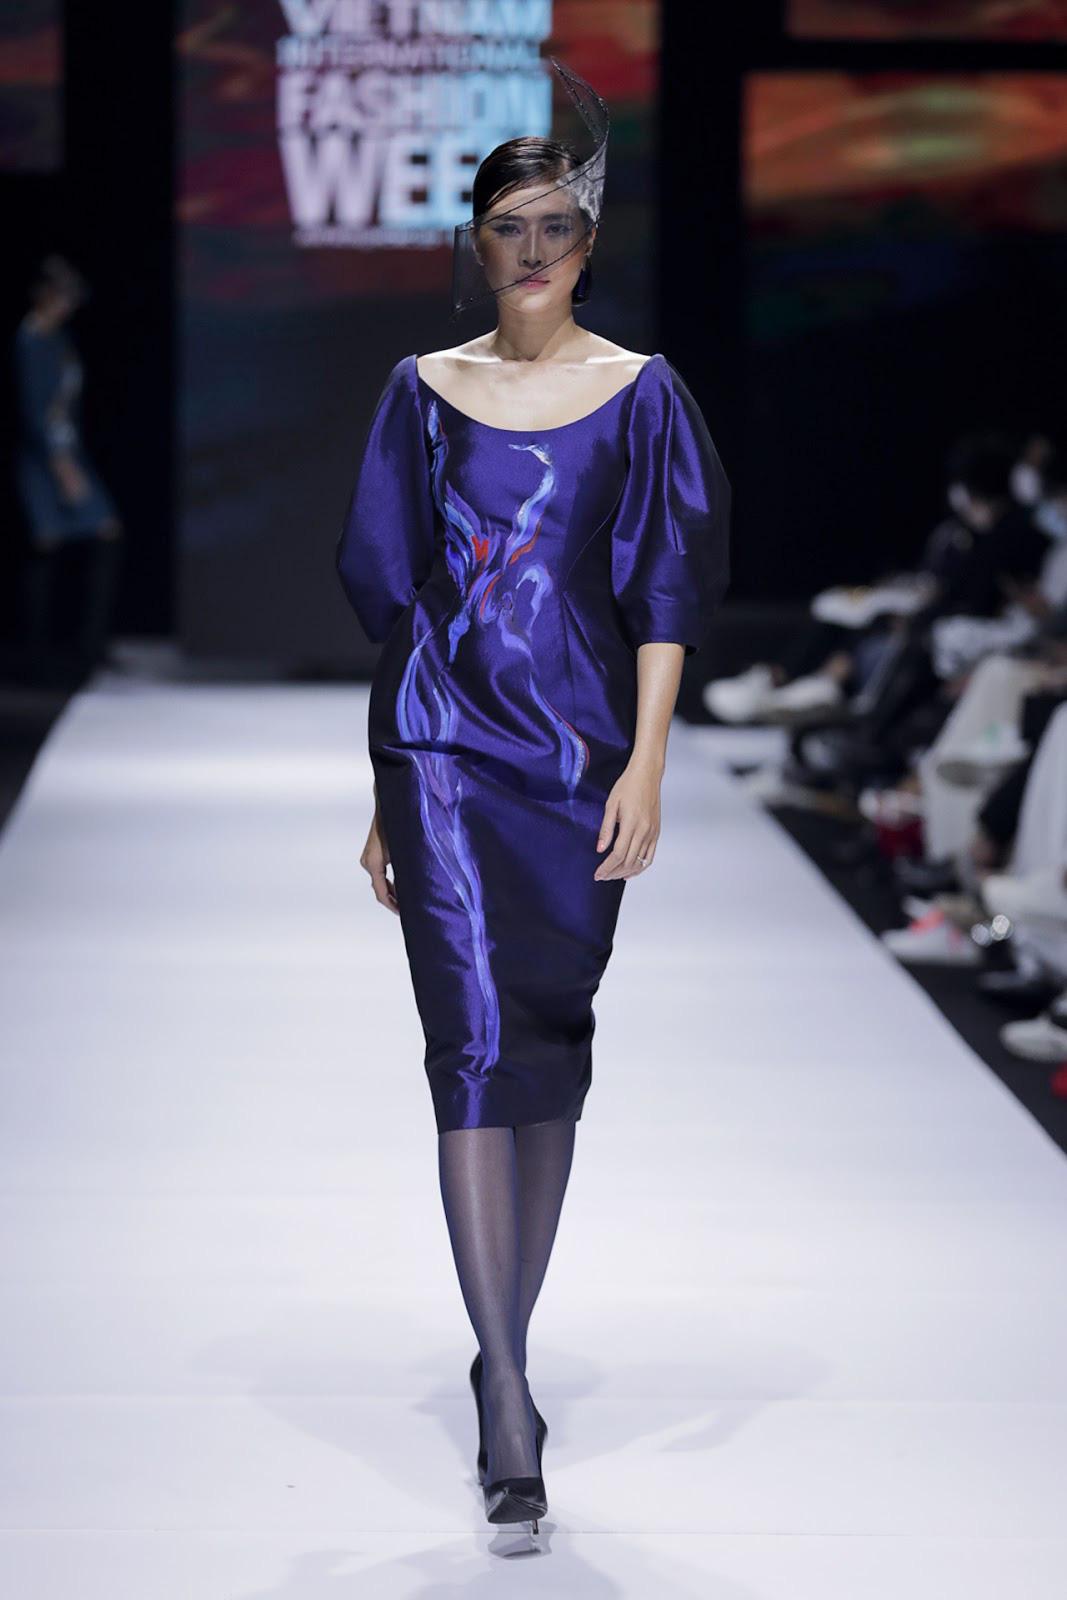 Sự độc đáo, tinh tế của những bức họa thủ công uyển chuyển trên nền vải, góp phần truyền tải được toàn bộ nét đẹp quý phái và nhẹ nhàng của người phụ nữ Việt Nam